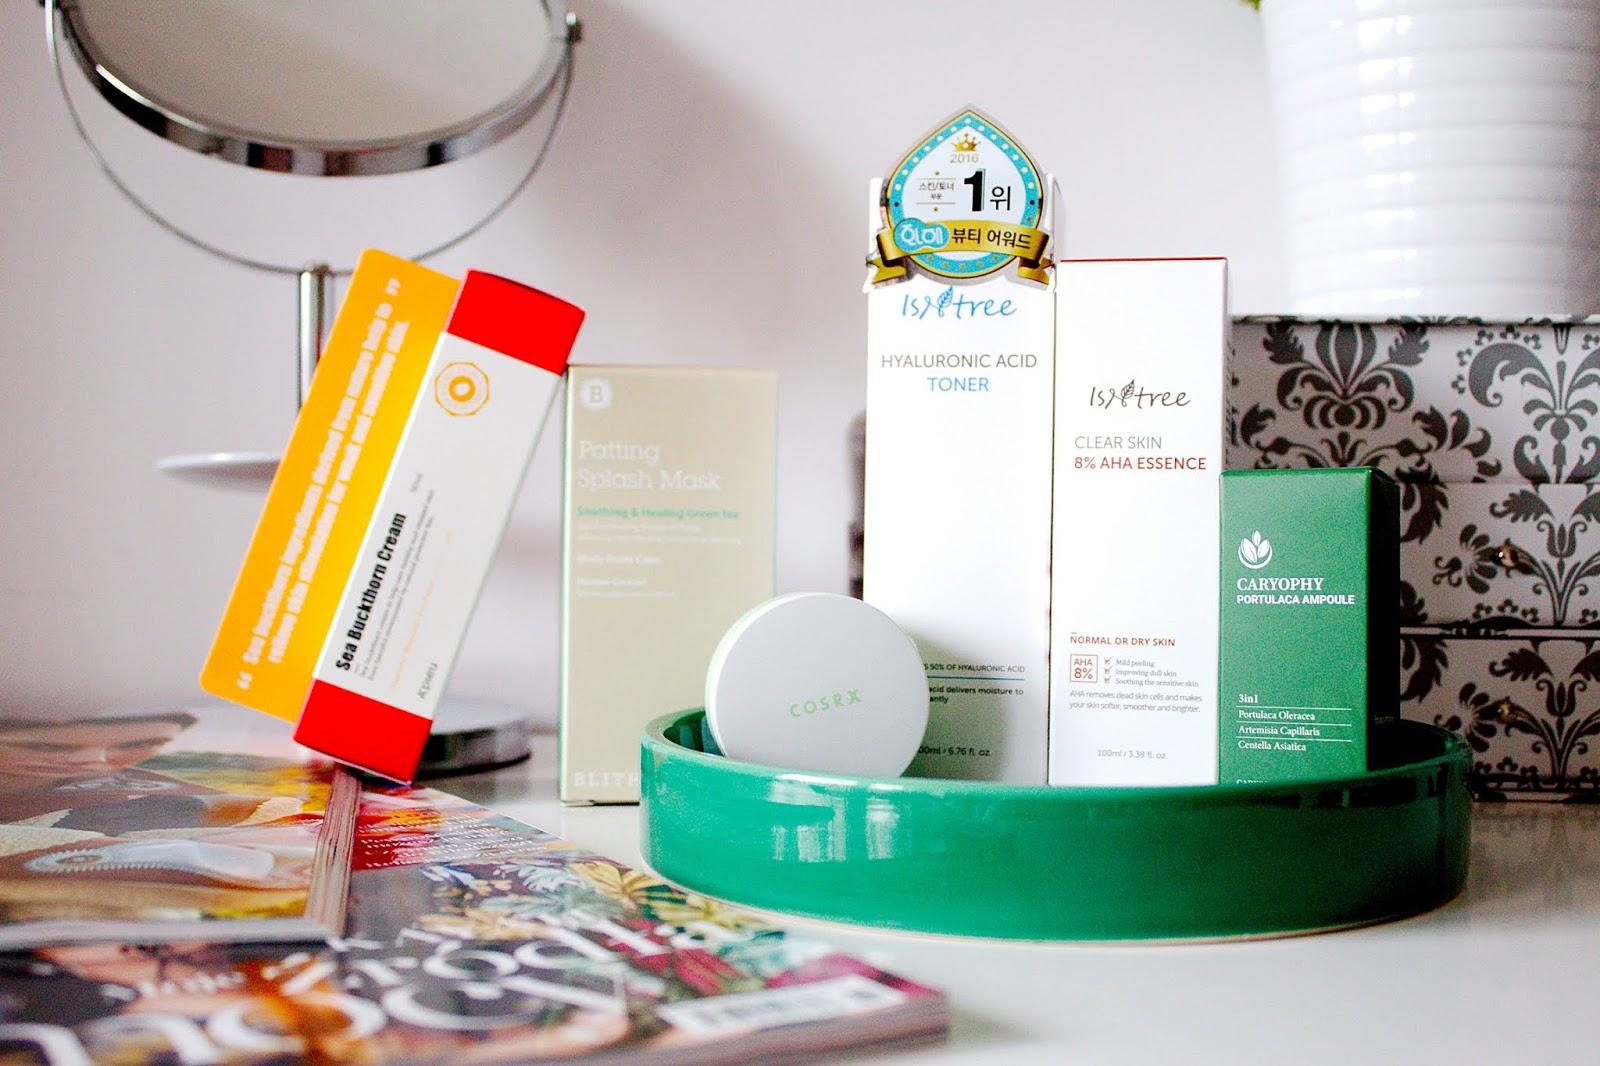 NEW IN | Szalone zakupy październikowe - Miniso, The Ordinary, Pixi, Anwen